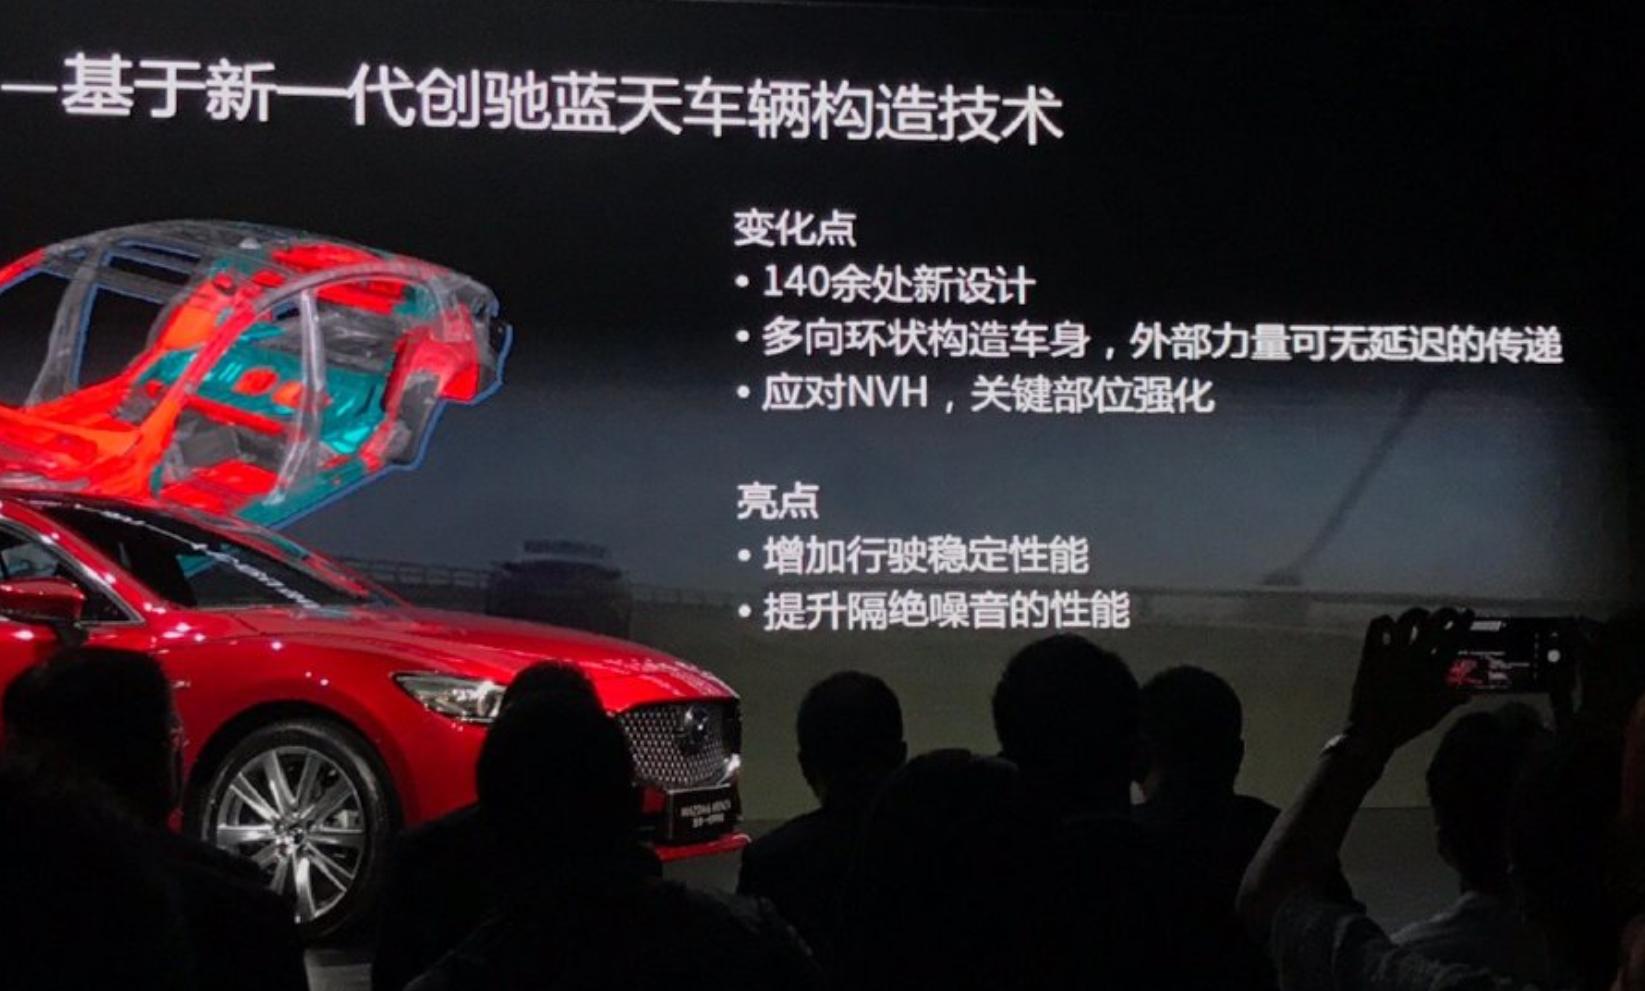 动力不变,一汽马自达新款阿特兹正式发布